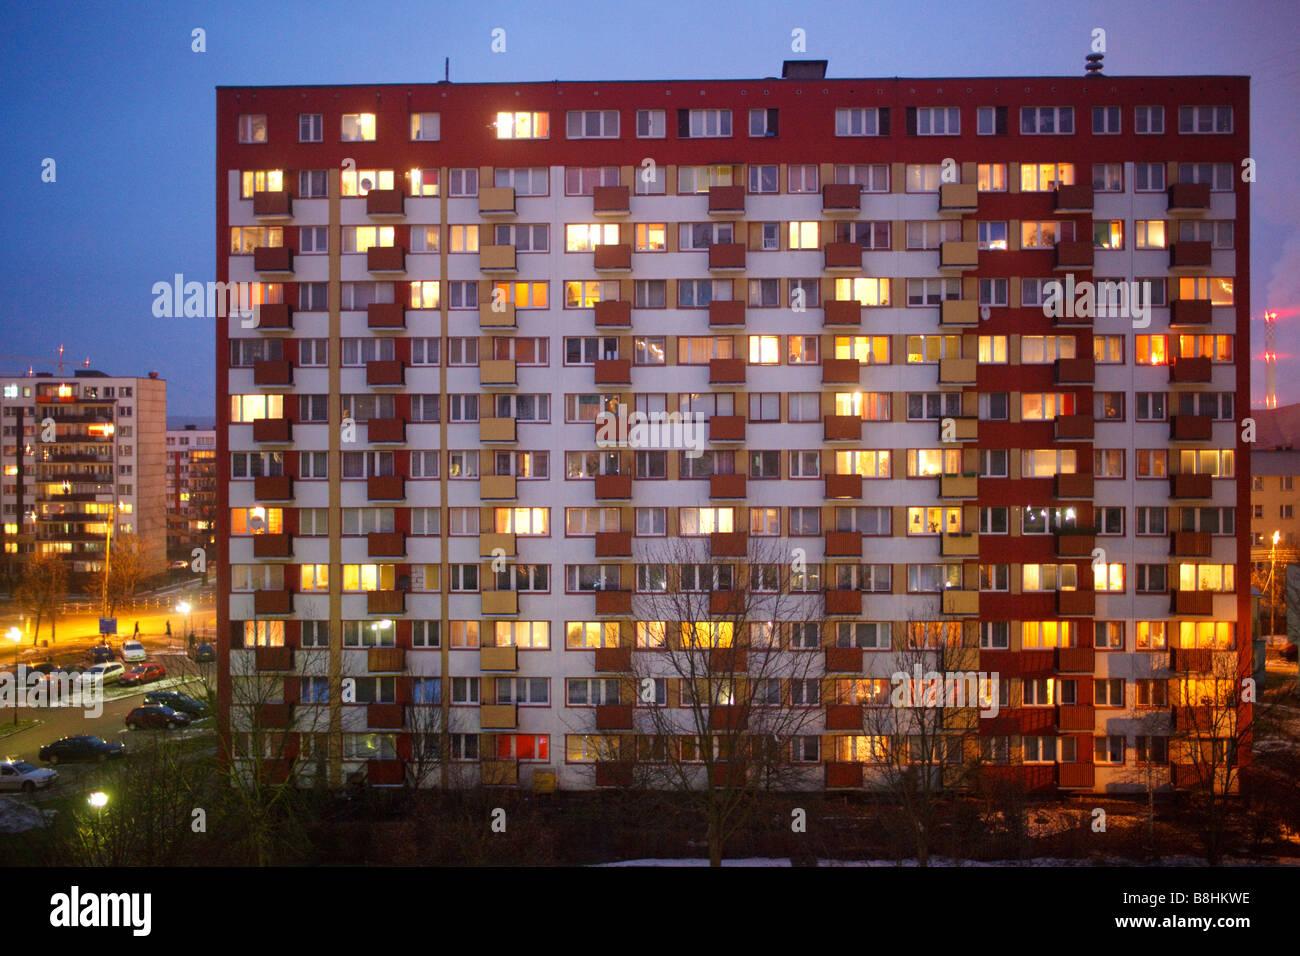 Sozialistischen Highrise Blocks vom Ende der 70er Jahre in Bialystok in Ostpolen Stockbild